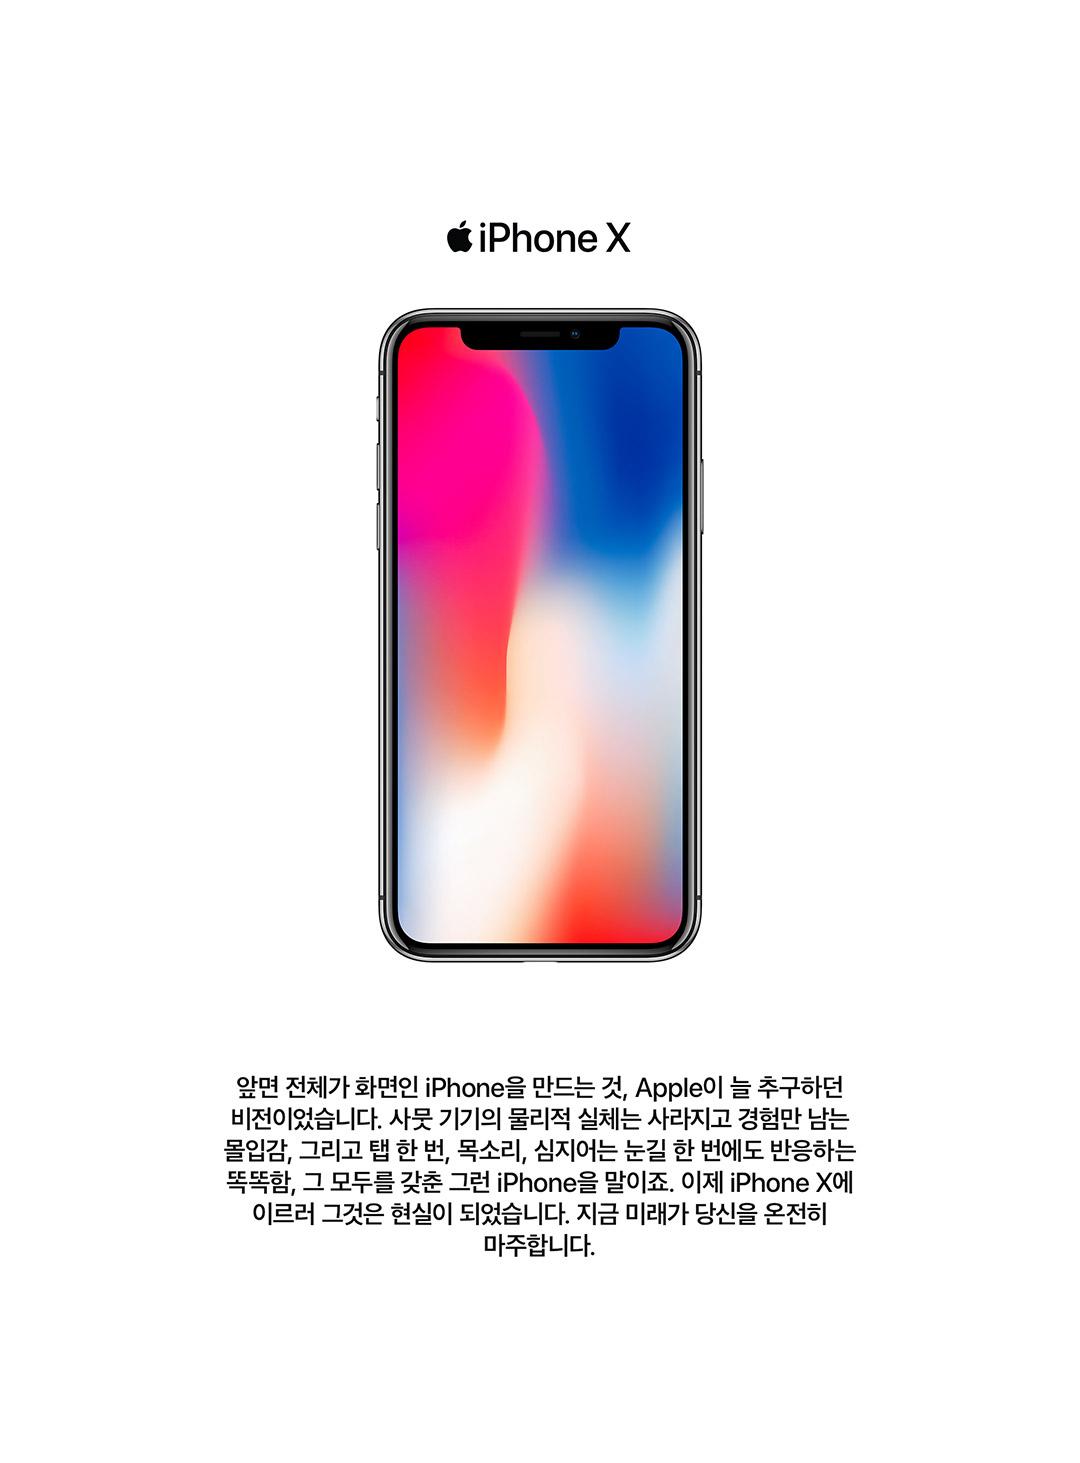 앞면 전체가 화면인 iPhone을 만드는 것, Apple이 늘 추구하던 비전이었습니다. 사뭇 기기의 물리적 실체는 사라지고 경험만 남는 몰입감, 그리고 탭 한 번, 목소리, 심지어는 눈길 한 번에도 반응하는 똑똑함, 그 모두를 갖춘 그런 iPhone을 말이죠. 이제 iPhone X에 이르러 그것은 현실이 되었습니다. 지금 미래가 당신을 온전히 마주합니다.